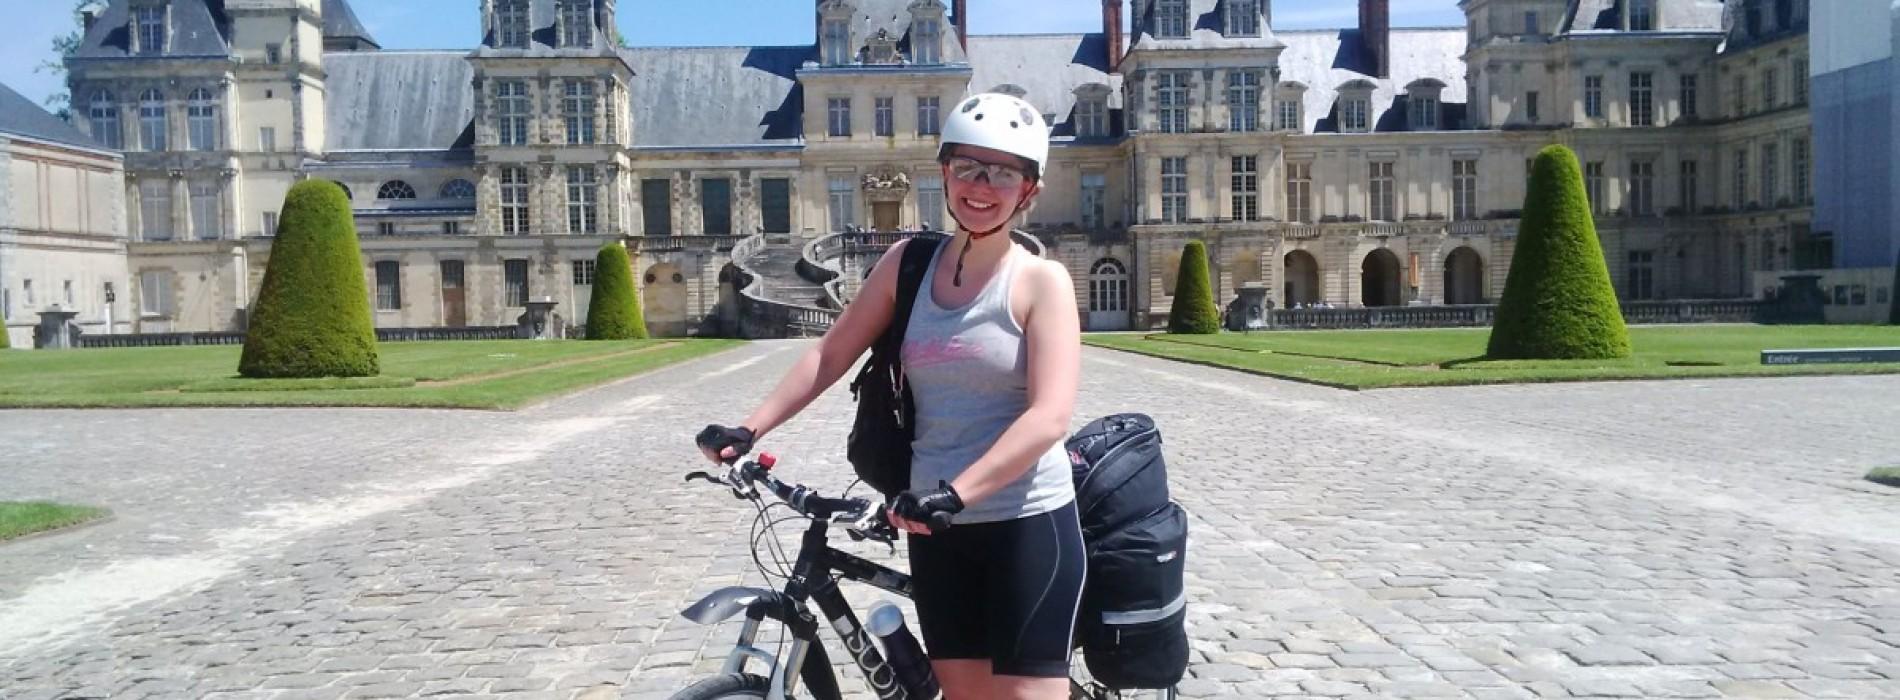 800 de kilometri, doar ea și bicicleta. Așa, pentru suflet